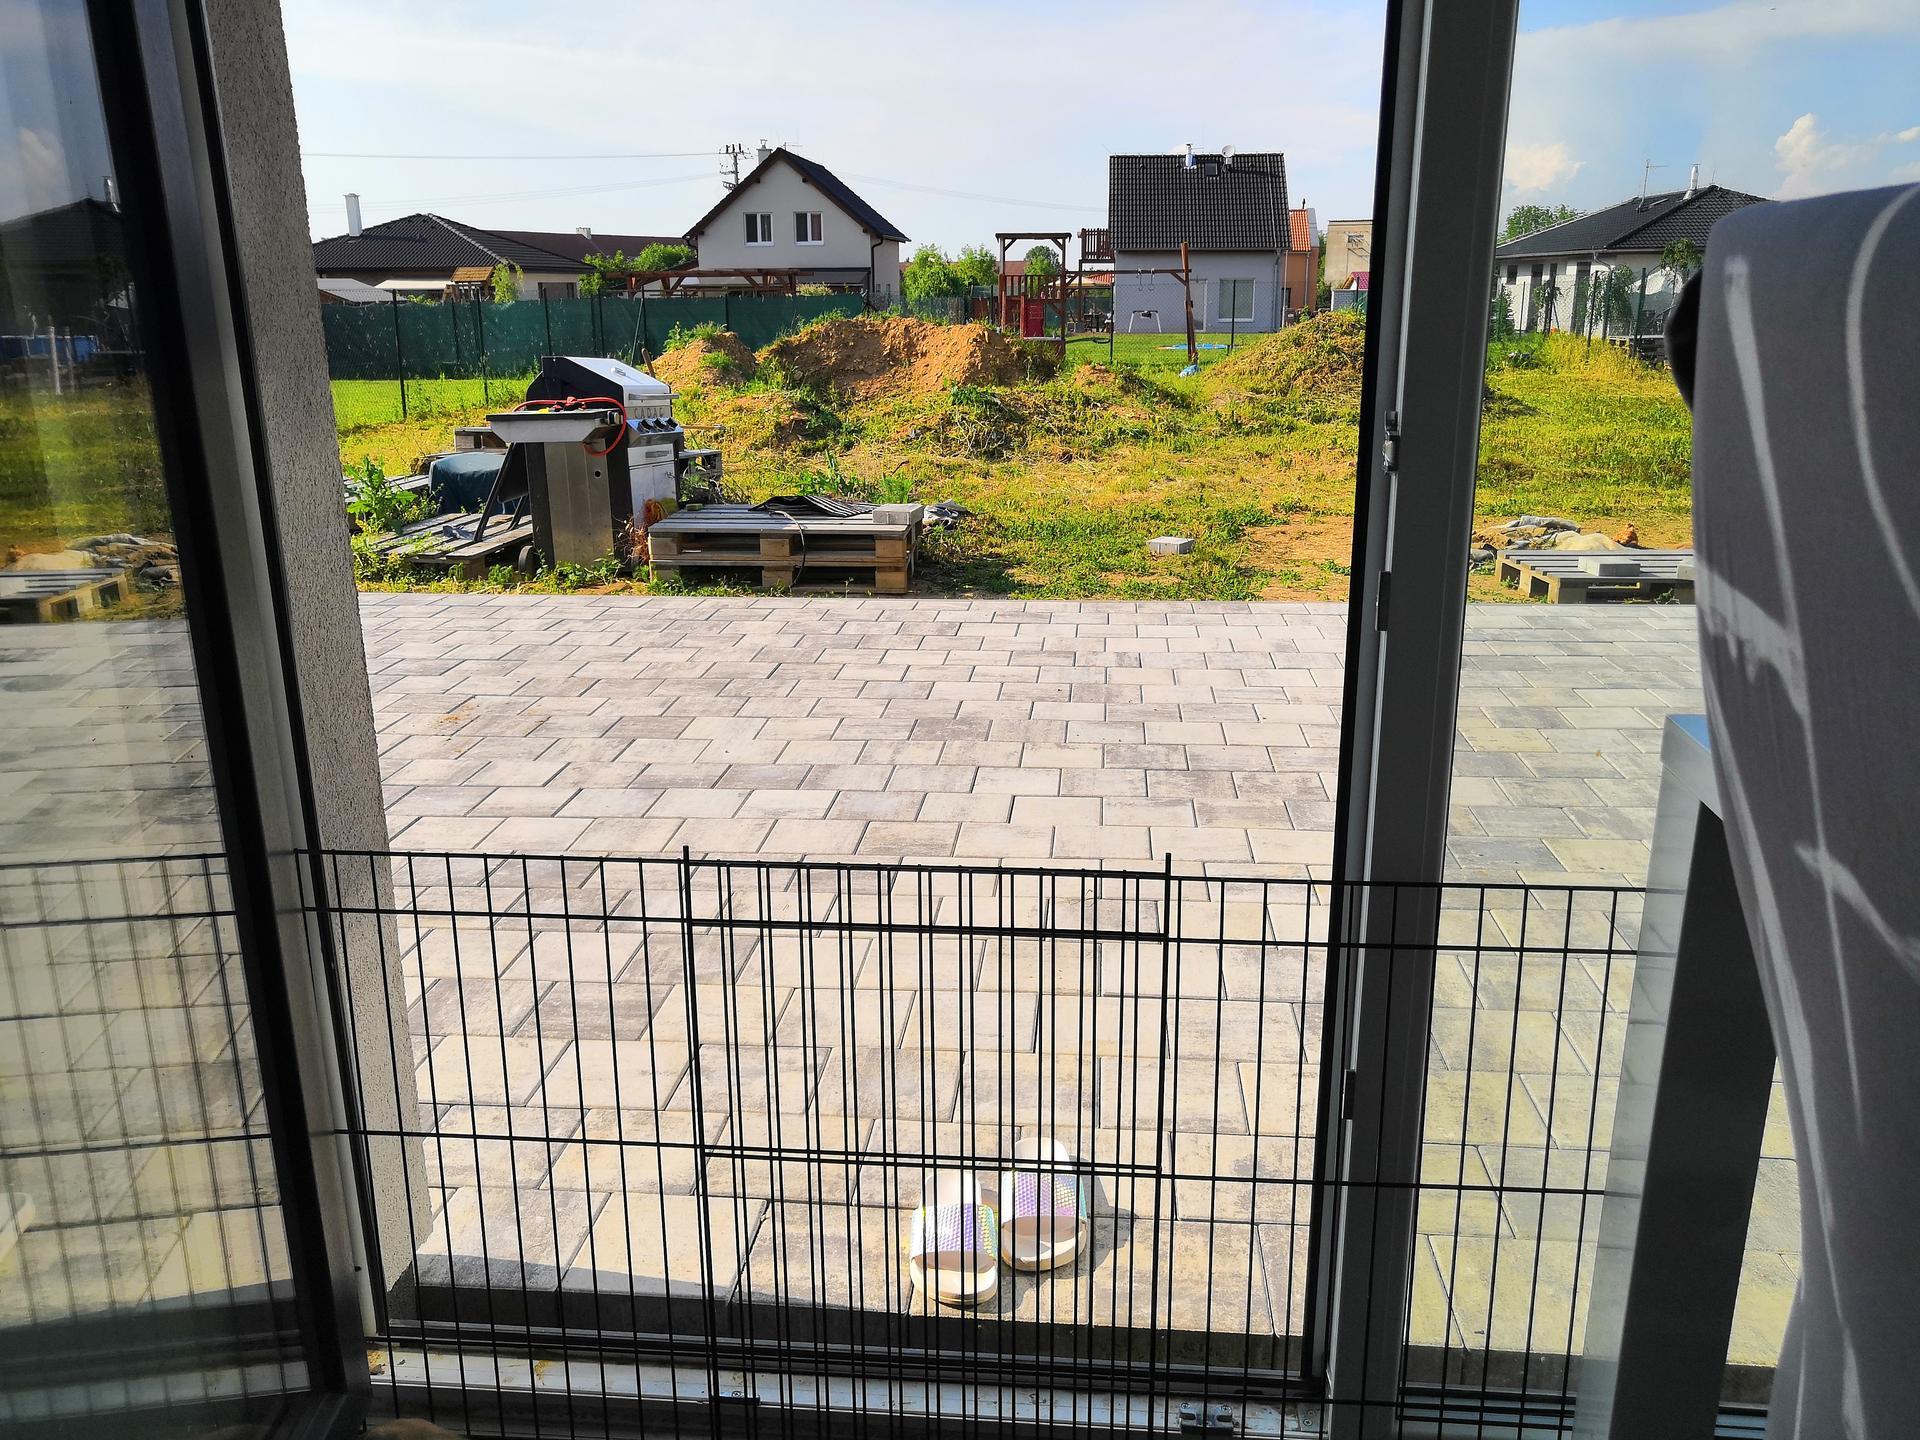 Zahrada na klíč - Konečně po 1,5 roce jsme se dočkali terasy a nemusíme vycházet na hrubý štěrk. Jistě to ocenili i naši dva hafani.